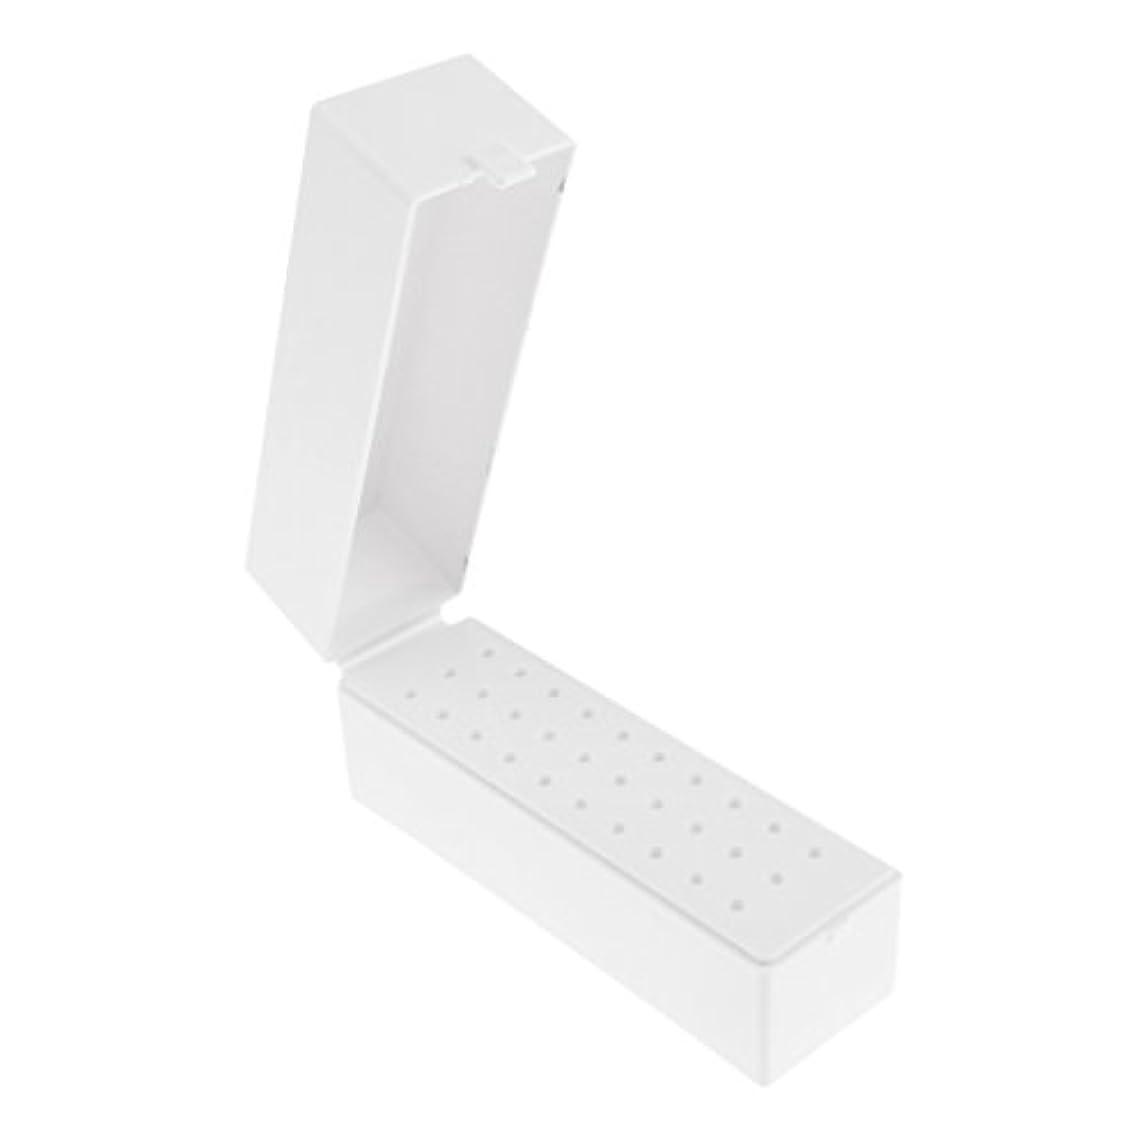 デュアル薬を飲むおびえた30穴プラスチックネイルアートツールボックスネイルドリルビットホルダー防塵スタンド収納オーガナイザー